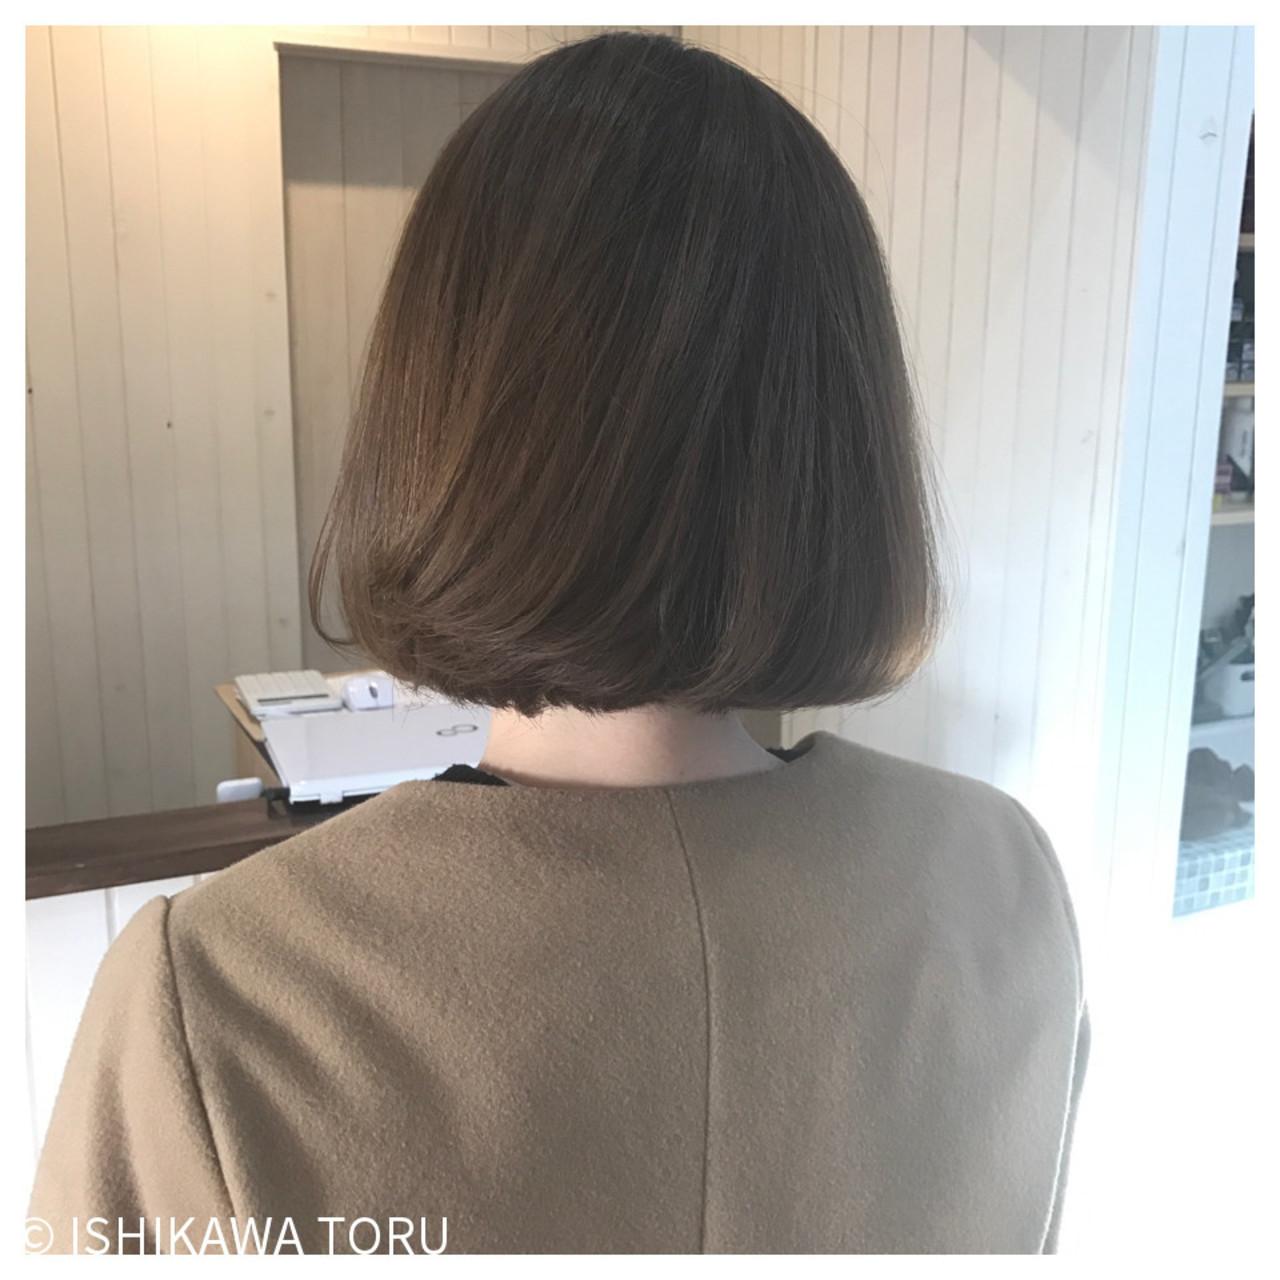 ナチュラル 大人女子 内巻き ボブ ヘアスタイルや髪型の写真・画像